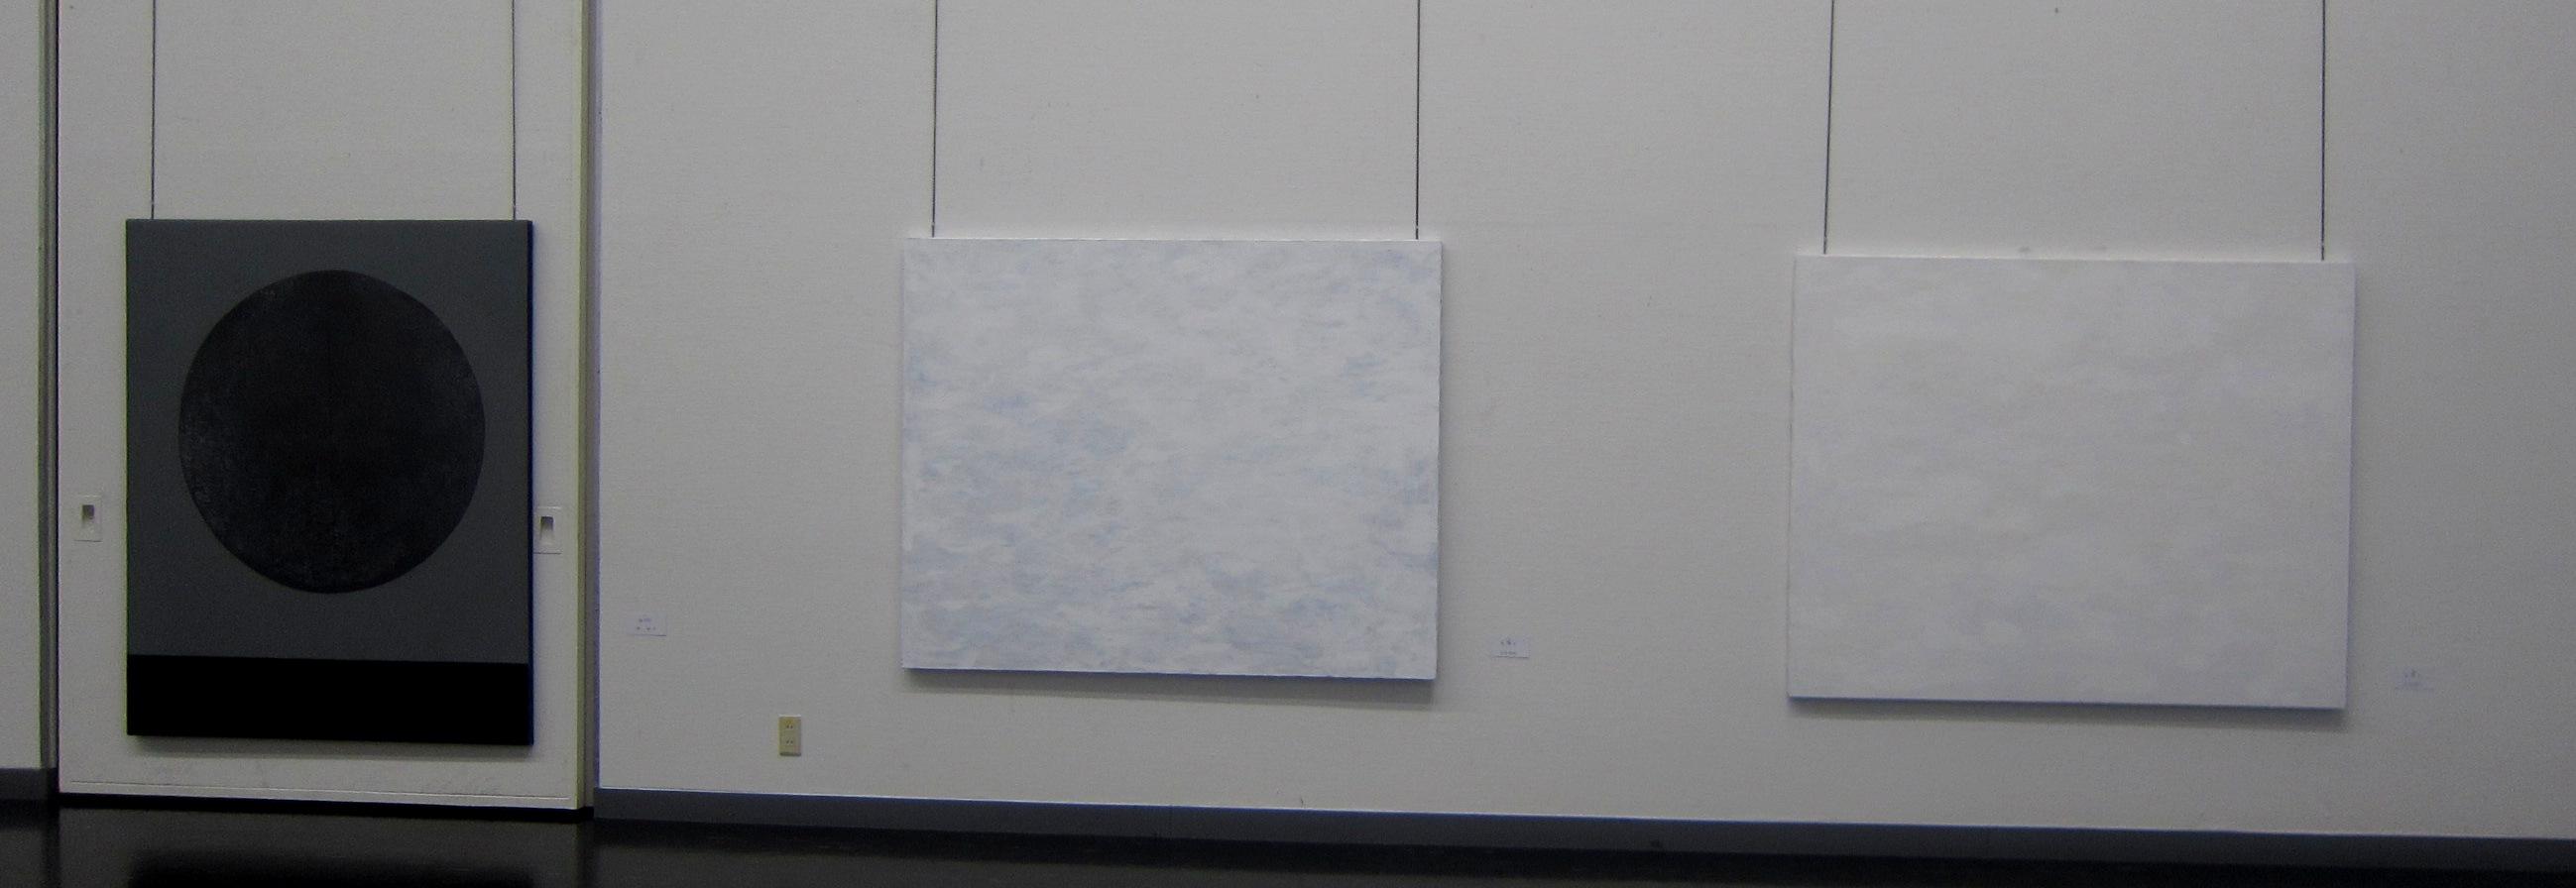 2004)①「'13 北海道抽象派作家協会四〇周年記念展」 市民ギャラリー 4月9日(火)~4月14日(日)  _f0126829_16263288.jpg